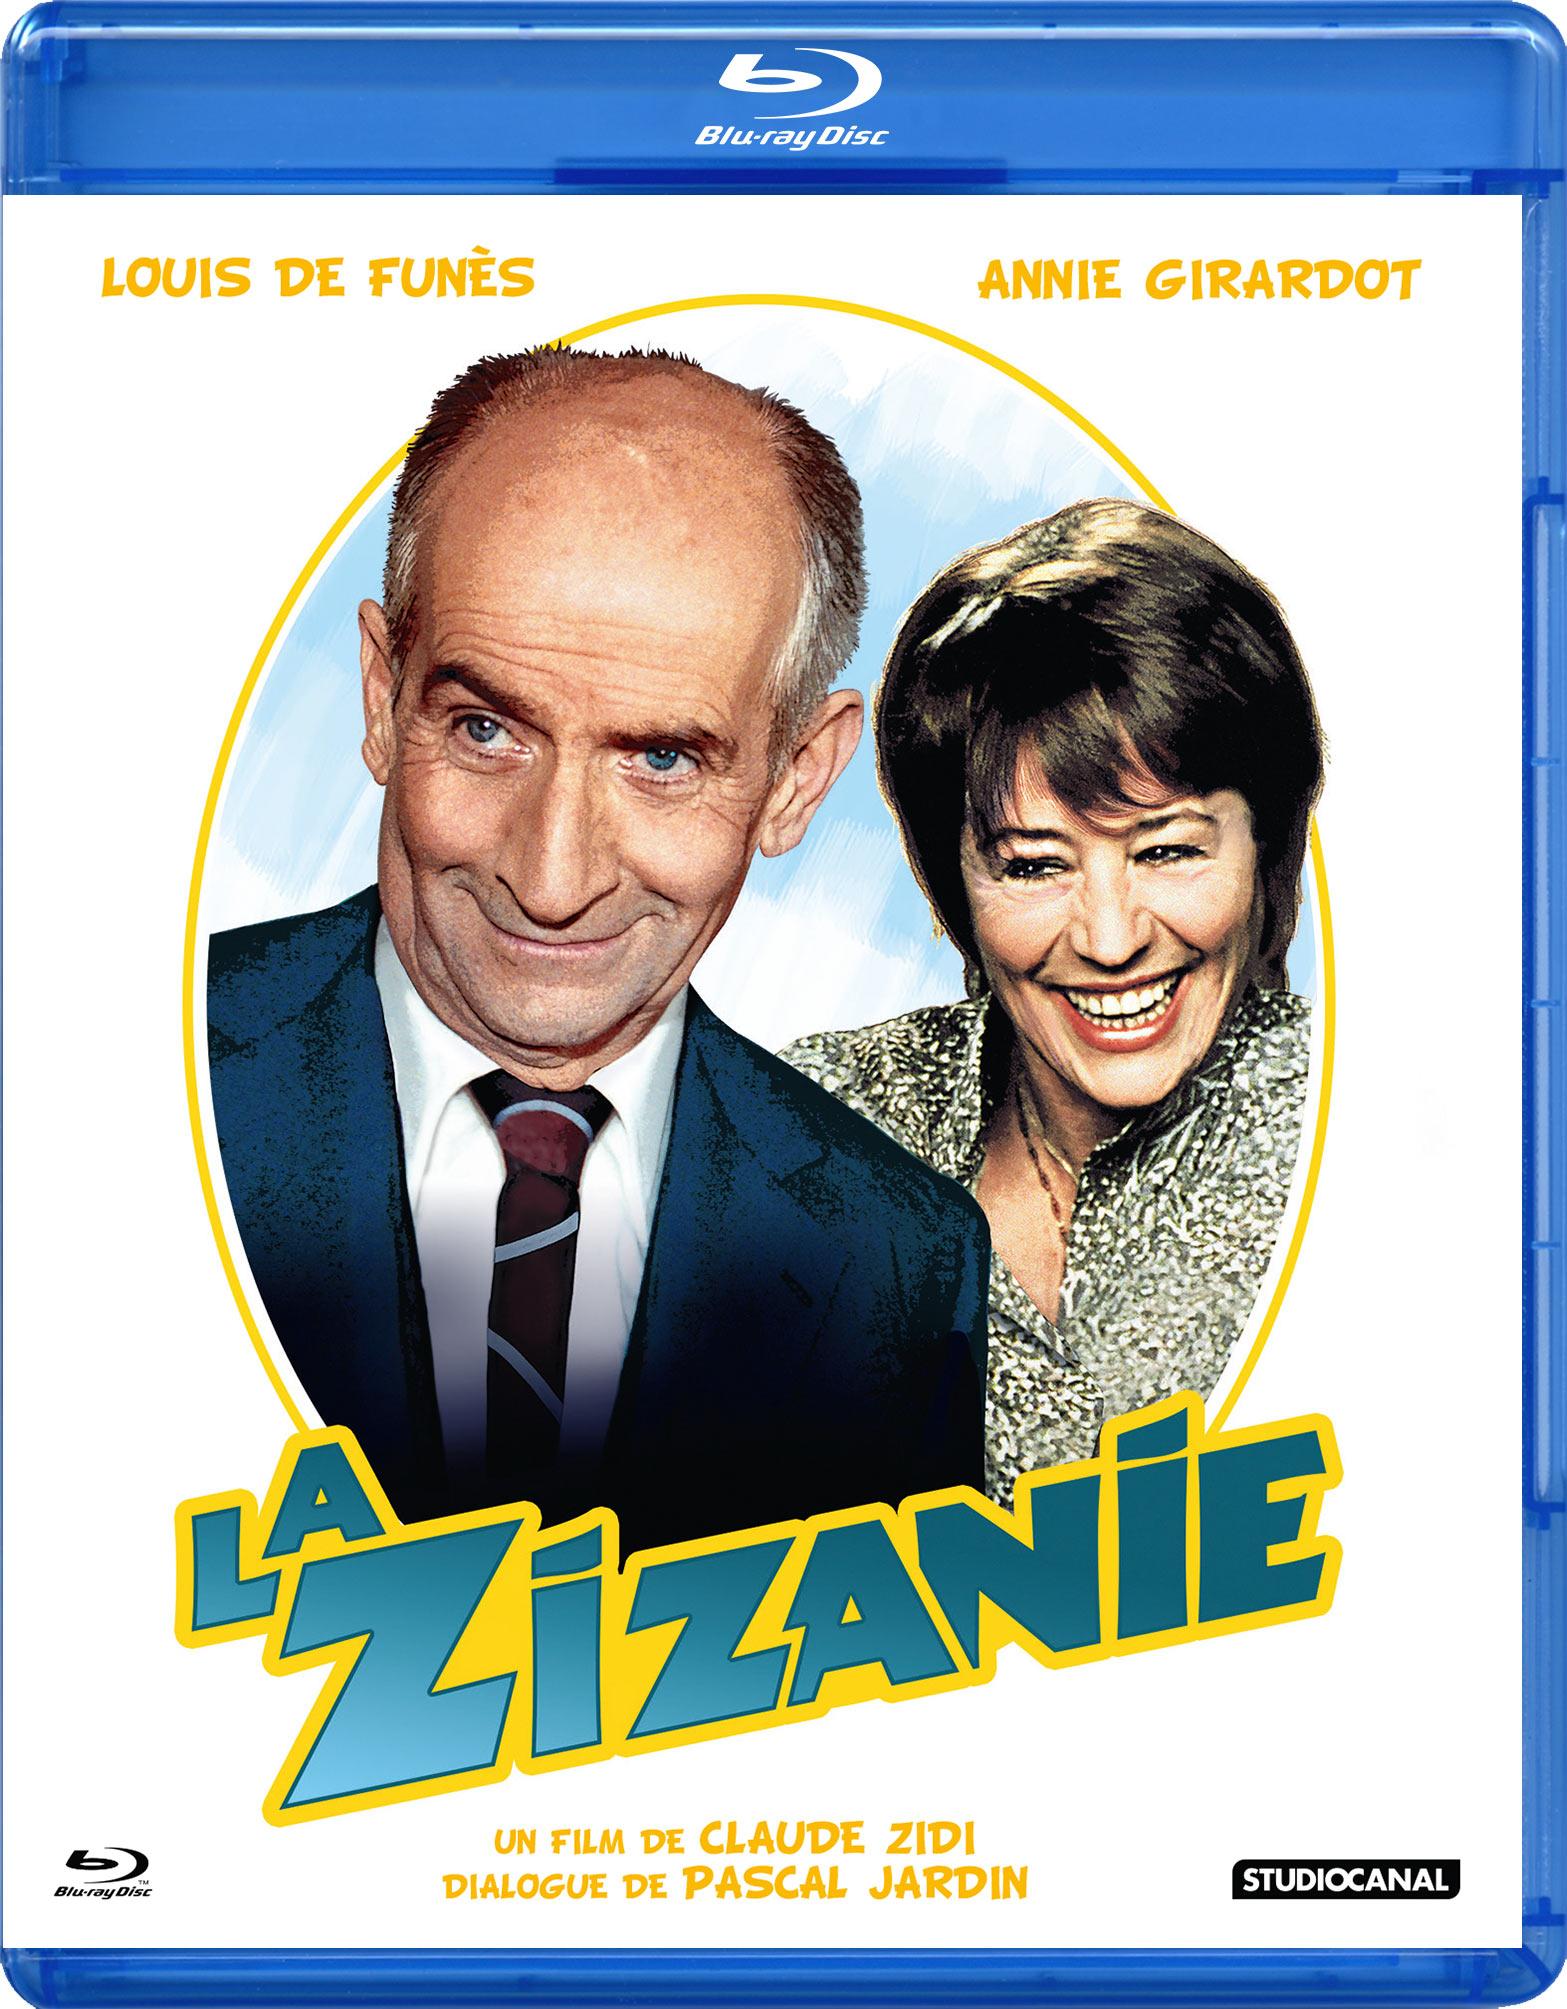 مشاهدة فيلم La Zizanie / The Discord (1978) مترجم